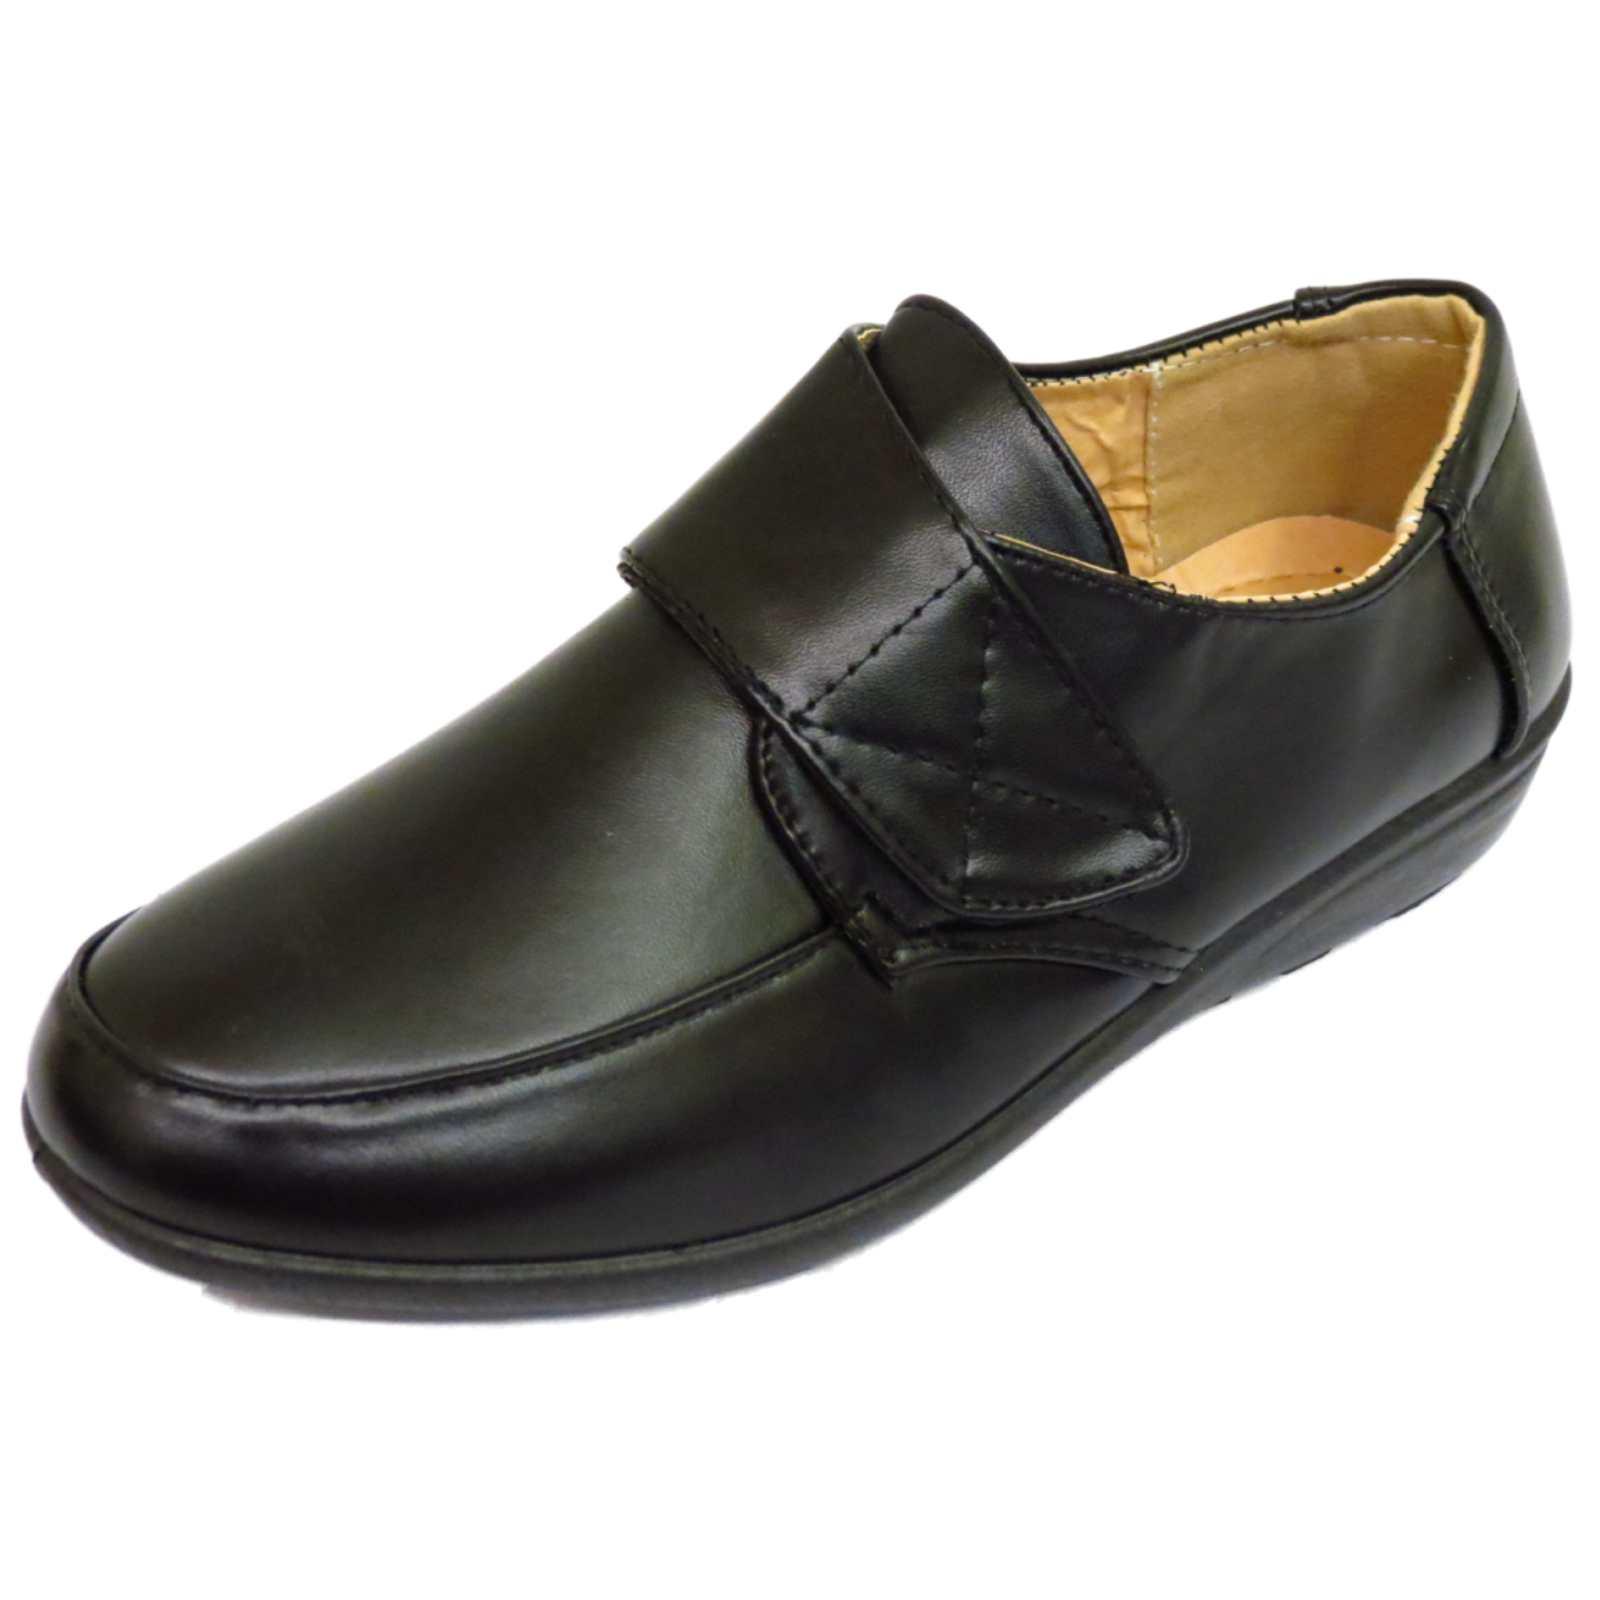 Cómodos Inteligente Negro De Mujer Cómodas Casuales Trabajo Sin Cordones Zapatos Bombas Tamaños 3-8